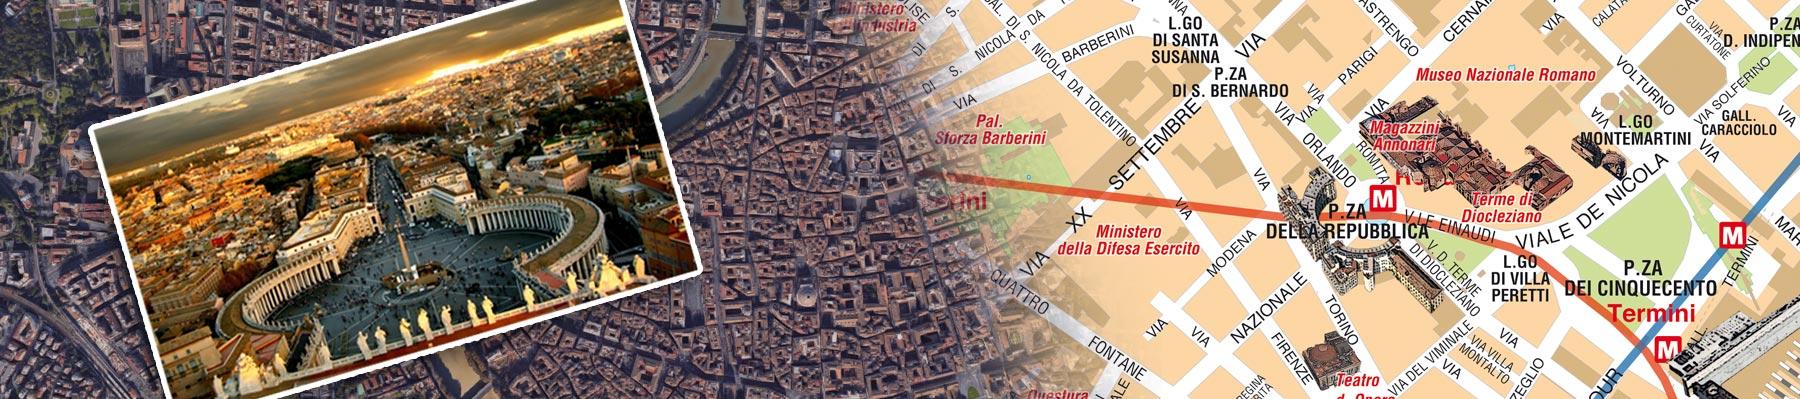 Cartina Roma Turistica.Mappa Di Roma Cartine Digitali Pdf Da Stampare